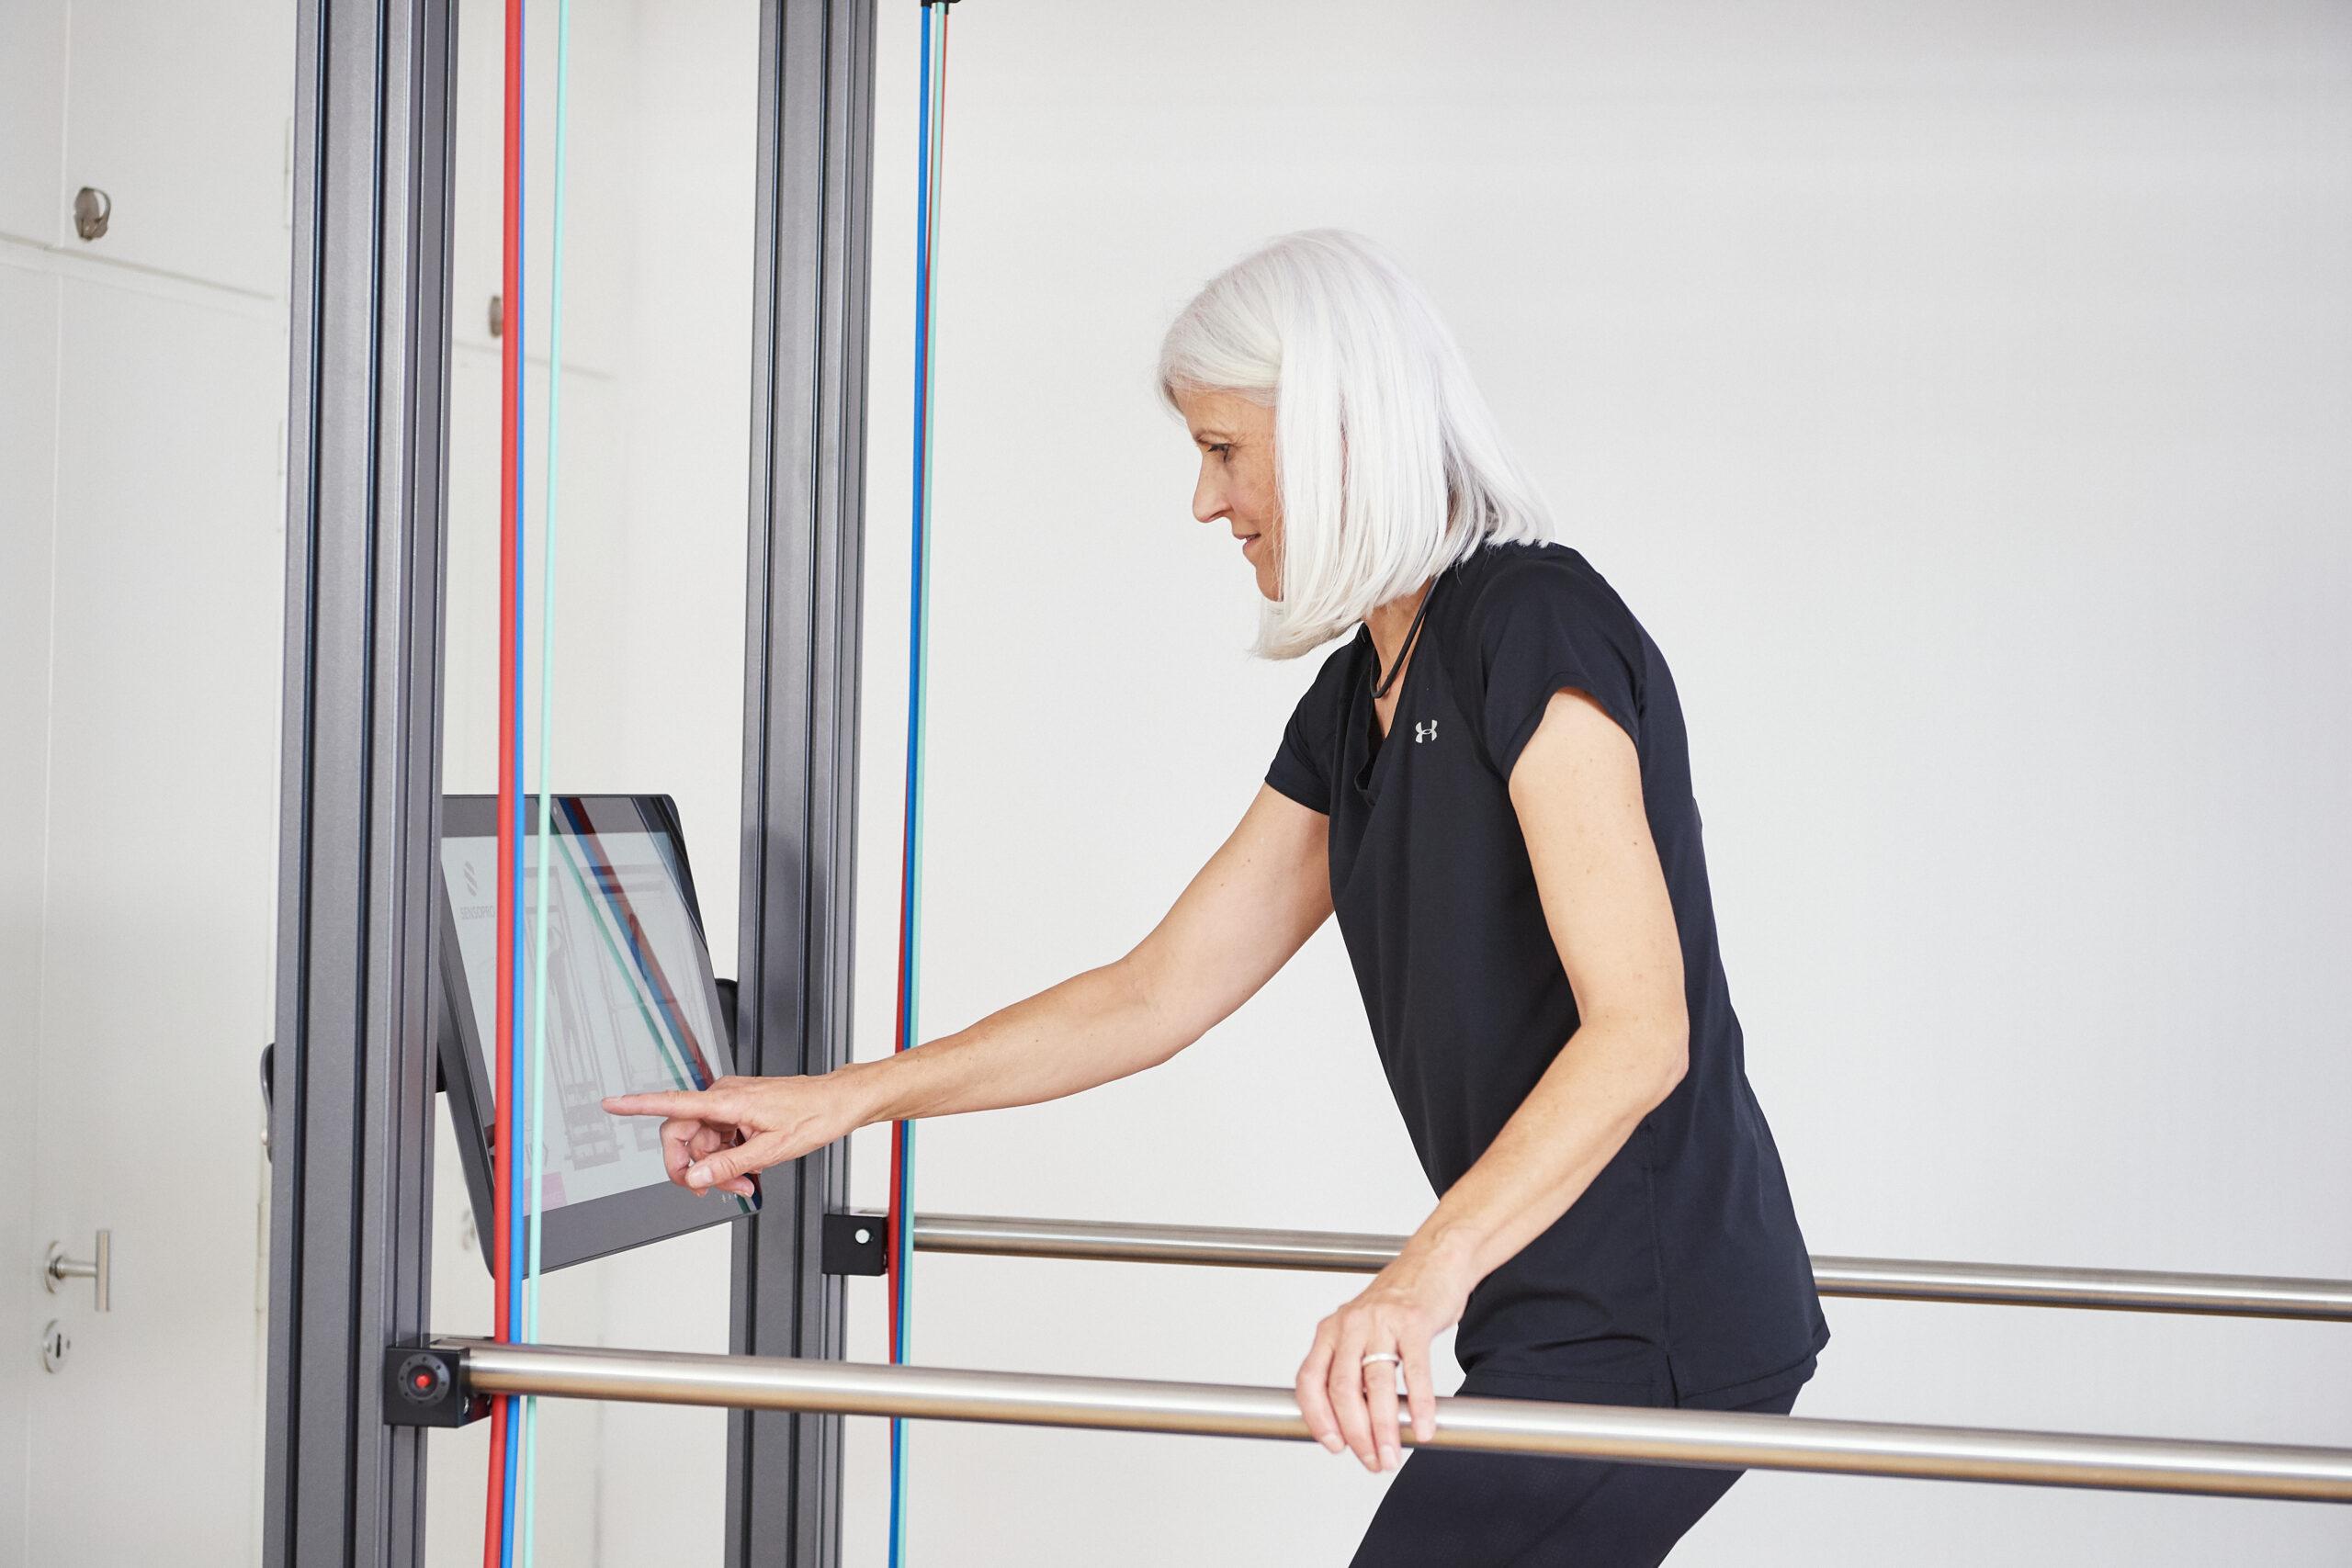 Ein Senior trainiert in einem Sportgerät